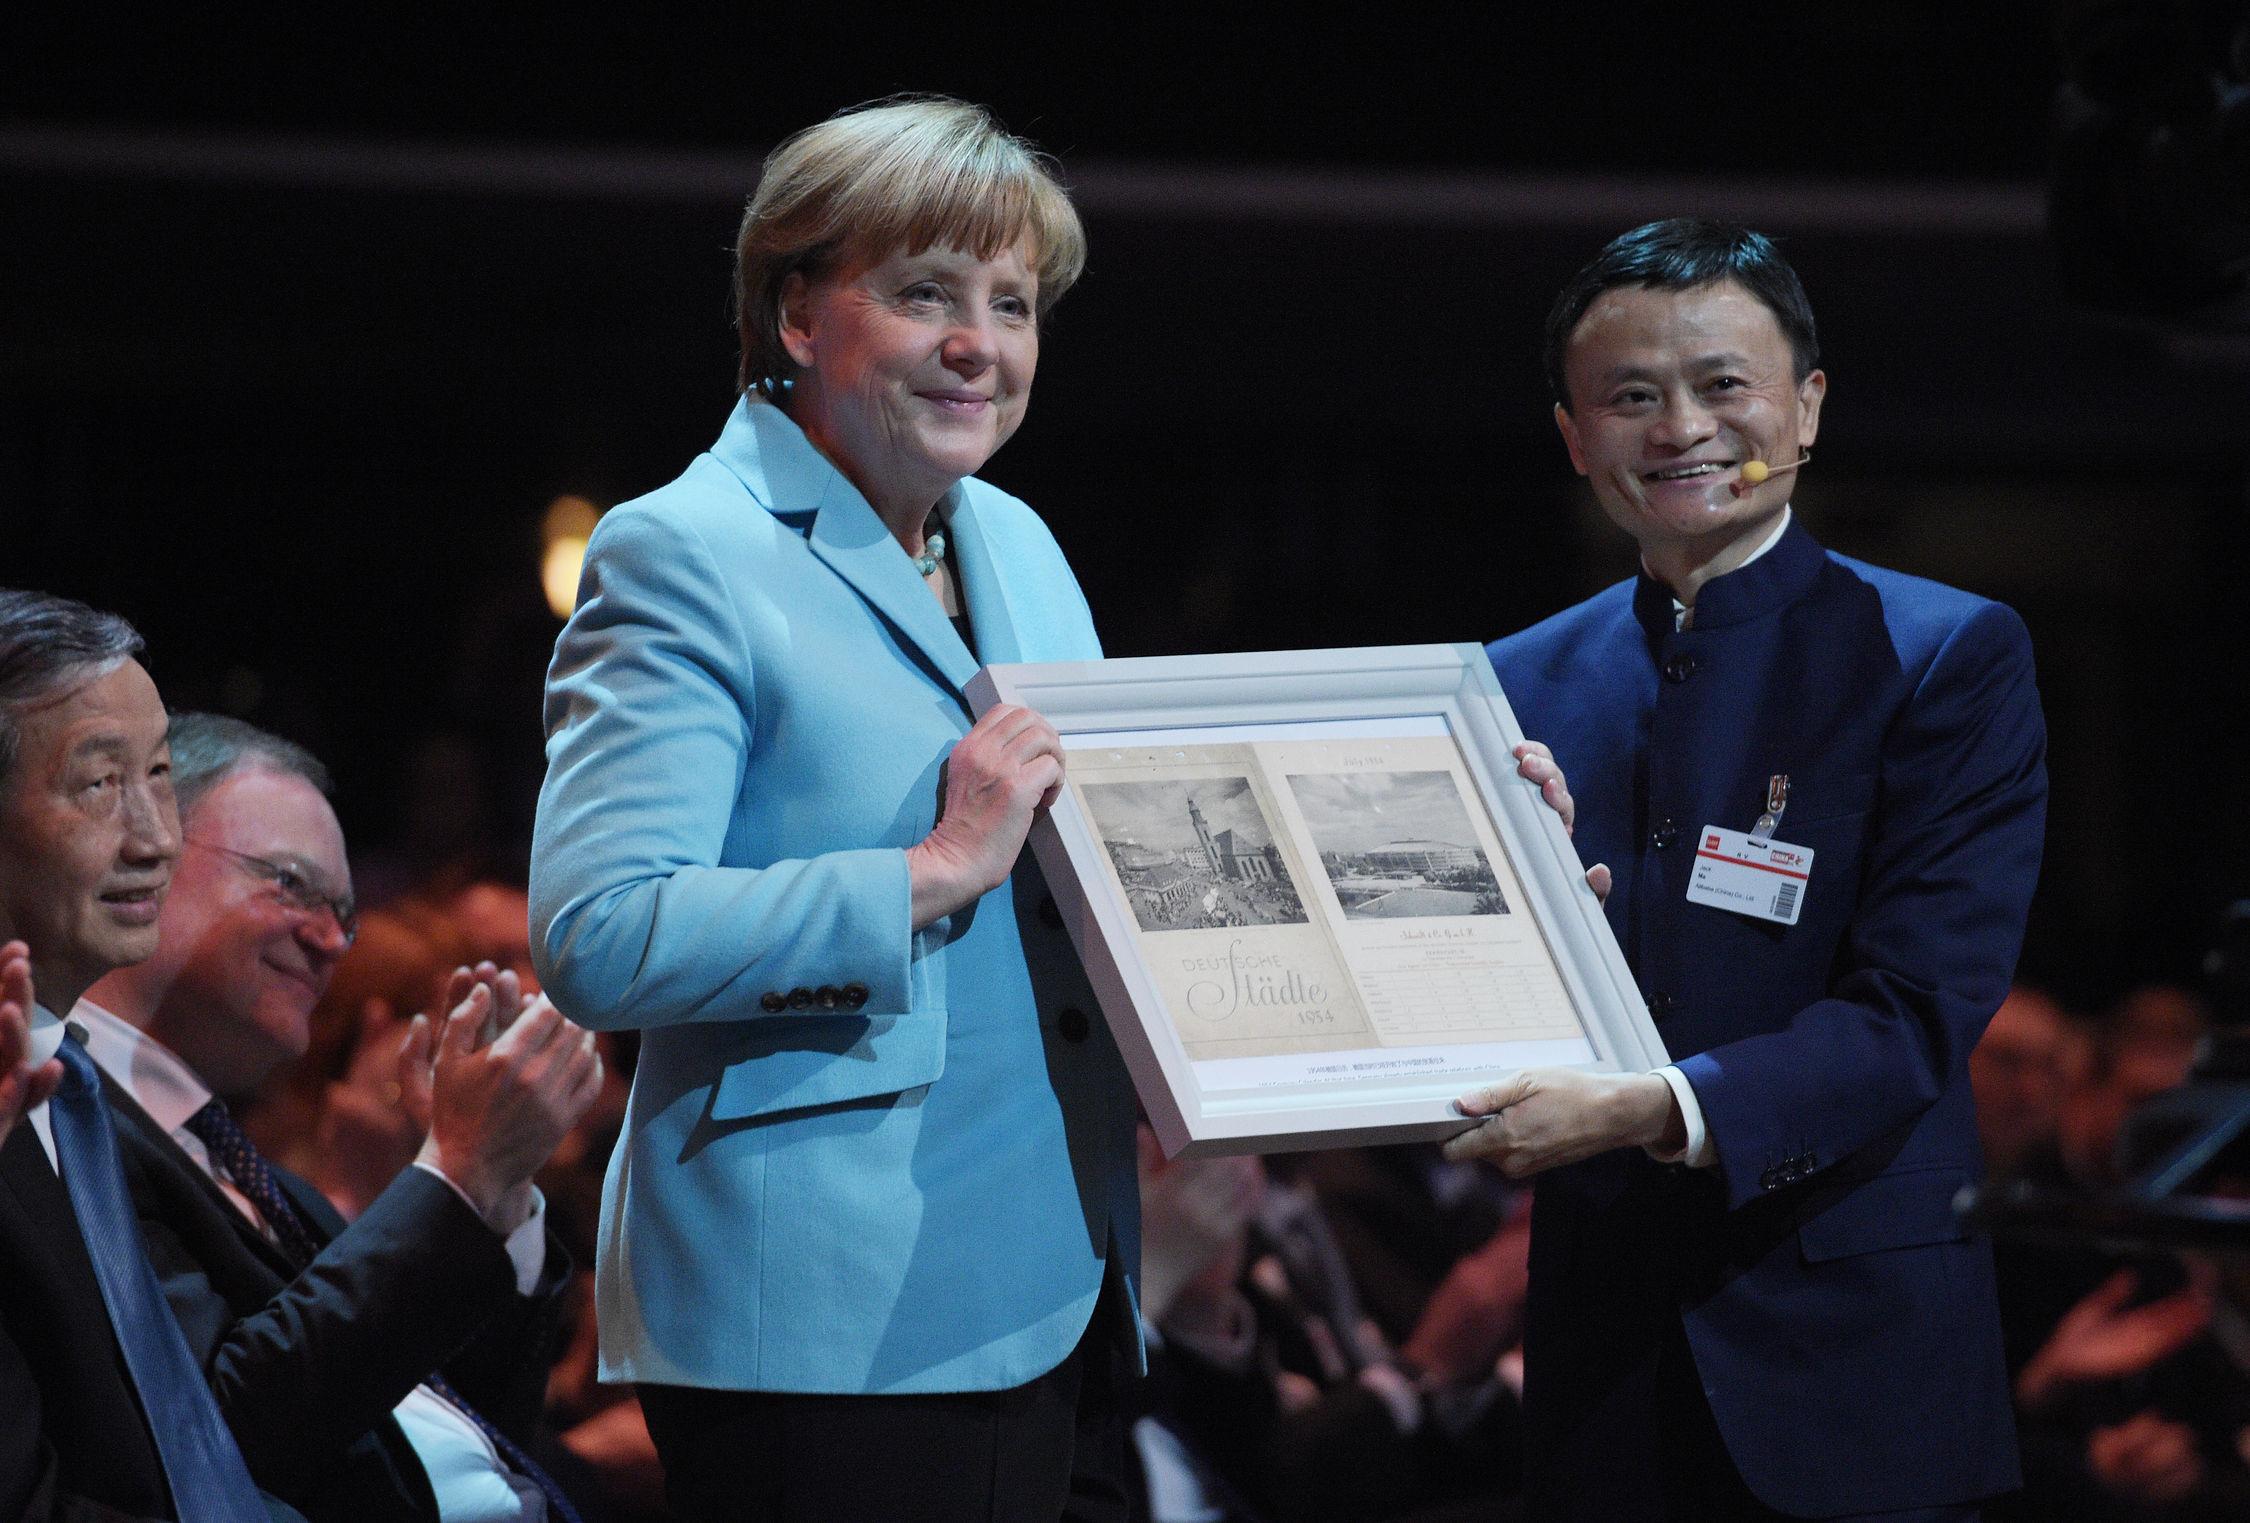 Angela Merkel  und Alibaba-CEO Jack Ma bei der Eröffnung der CeBIT. (Bild: Deutsche Messe)